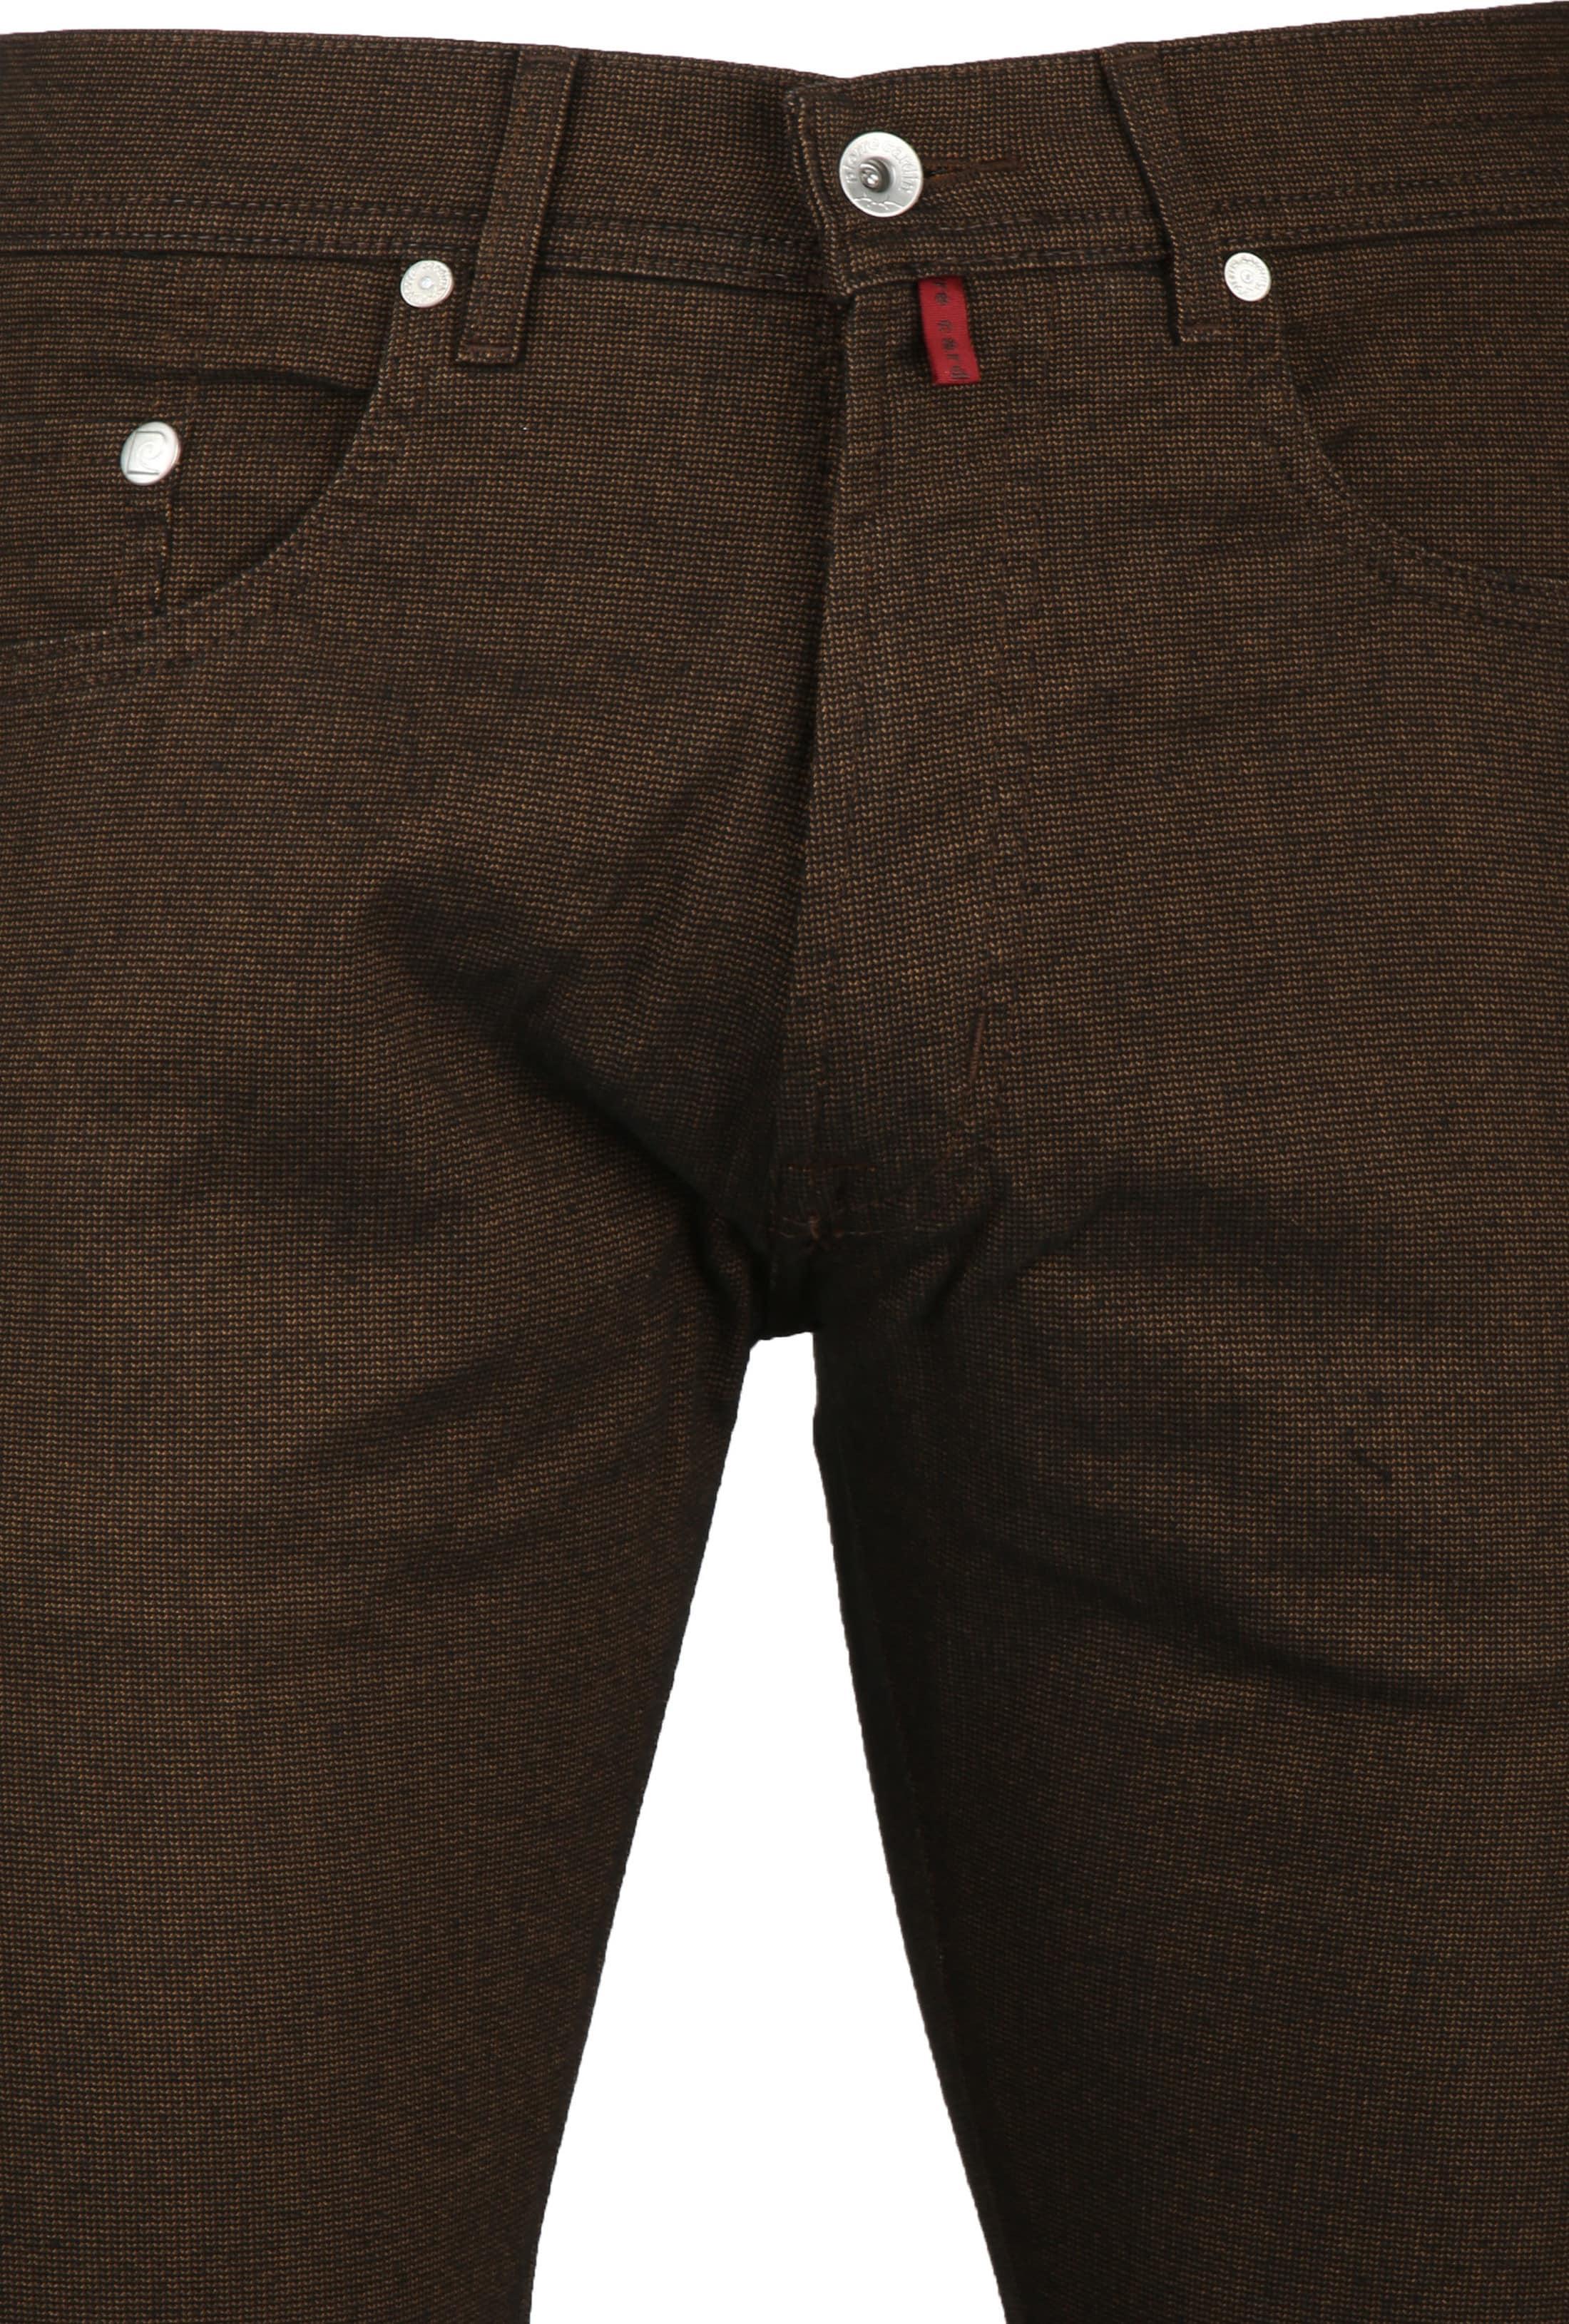 Pierre Cardin Lyon Trousers Caramel foto 1